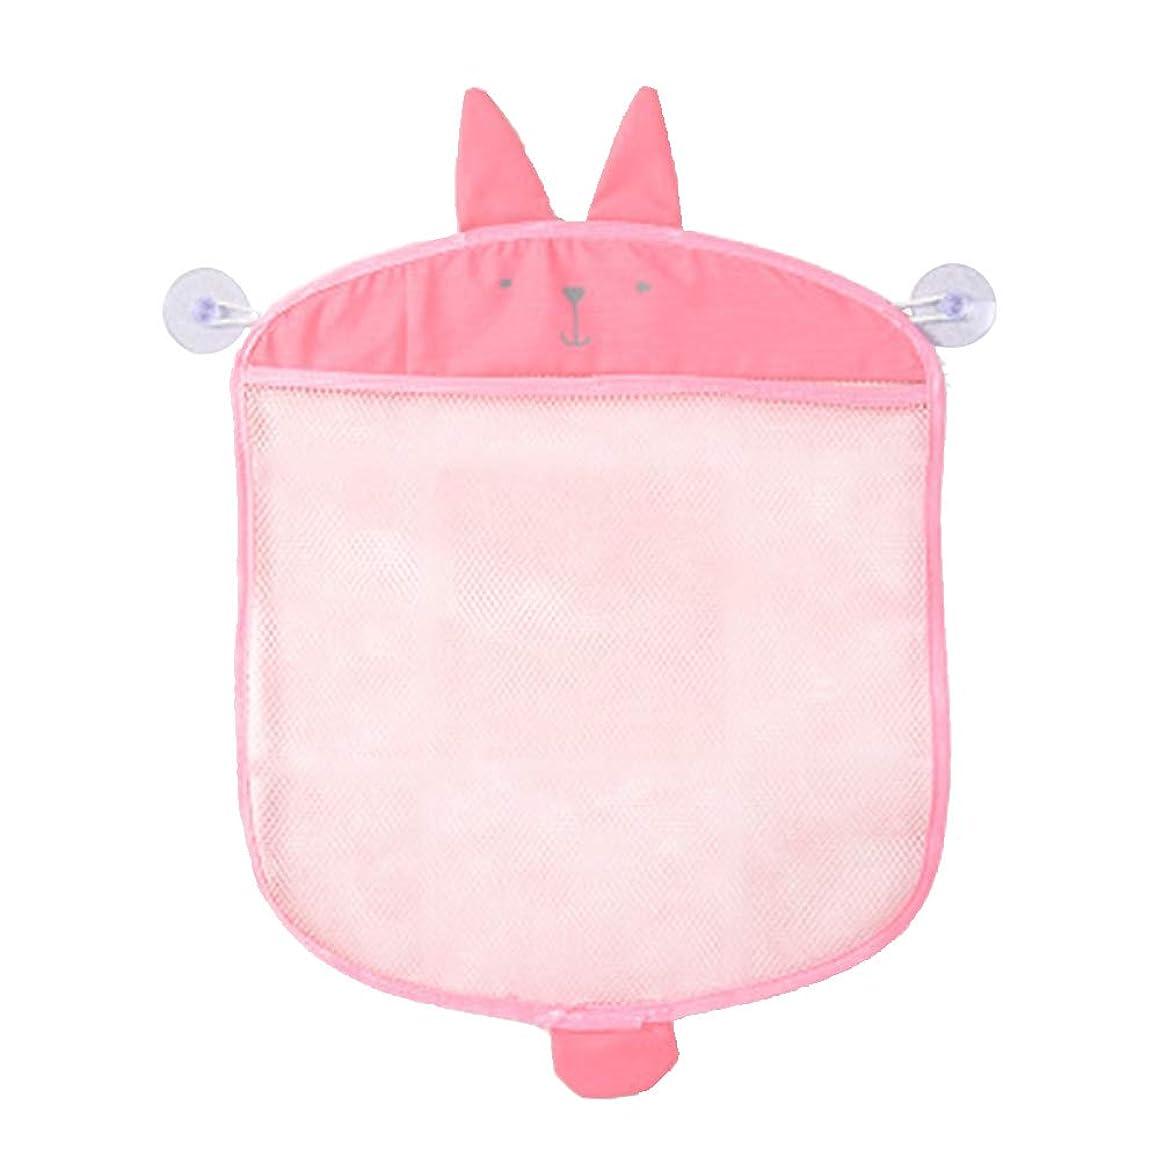 滑りやすいトレーニング船TOPBATHY ぶら下げ収納袋漫画壁掛け多機能雑貨ニットネットメッシュバッグオーガナイザー用キッチンバスルームベビーバスのおもちゃ(ピンク)